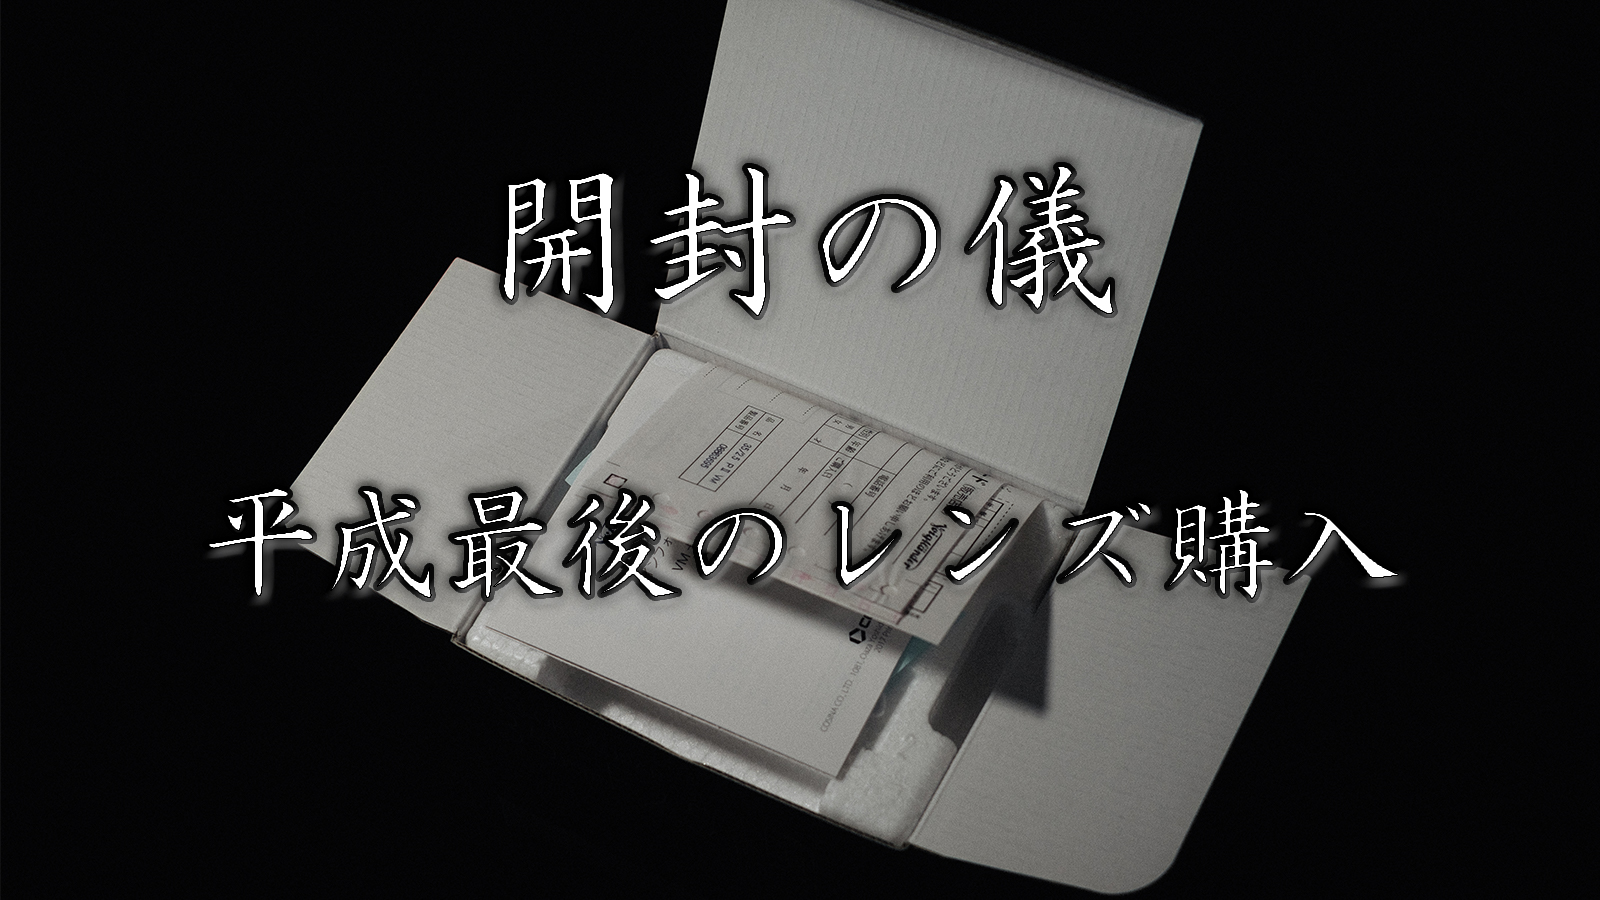 平成最後の開封の儀!声に出して読みたいレンズ名